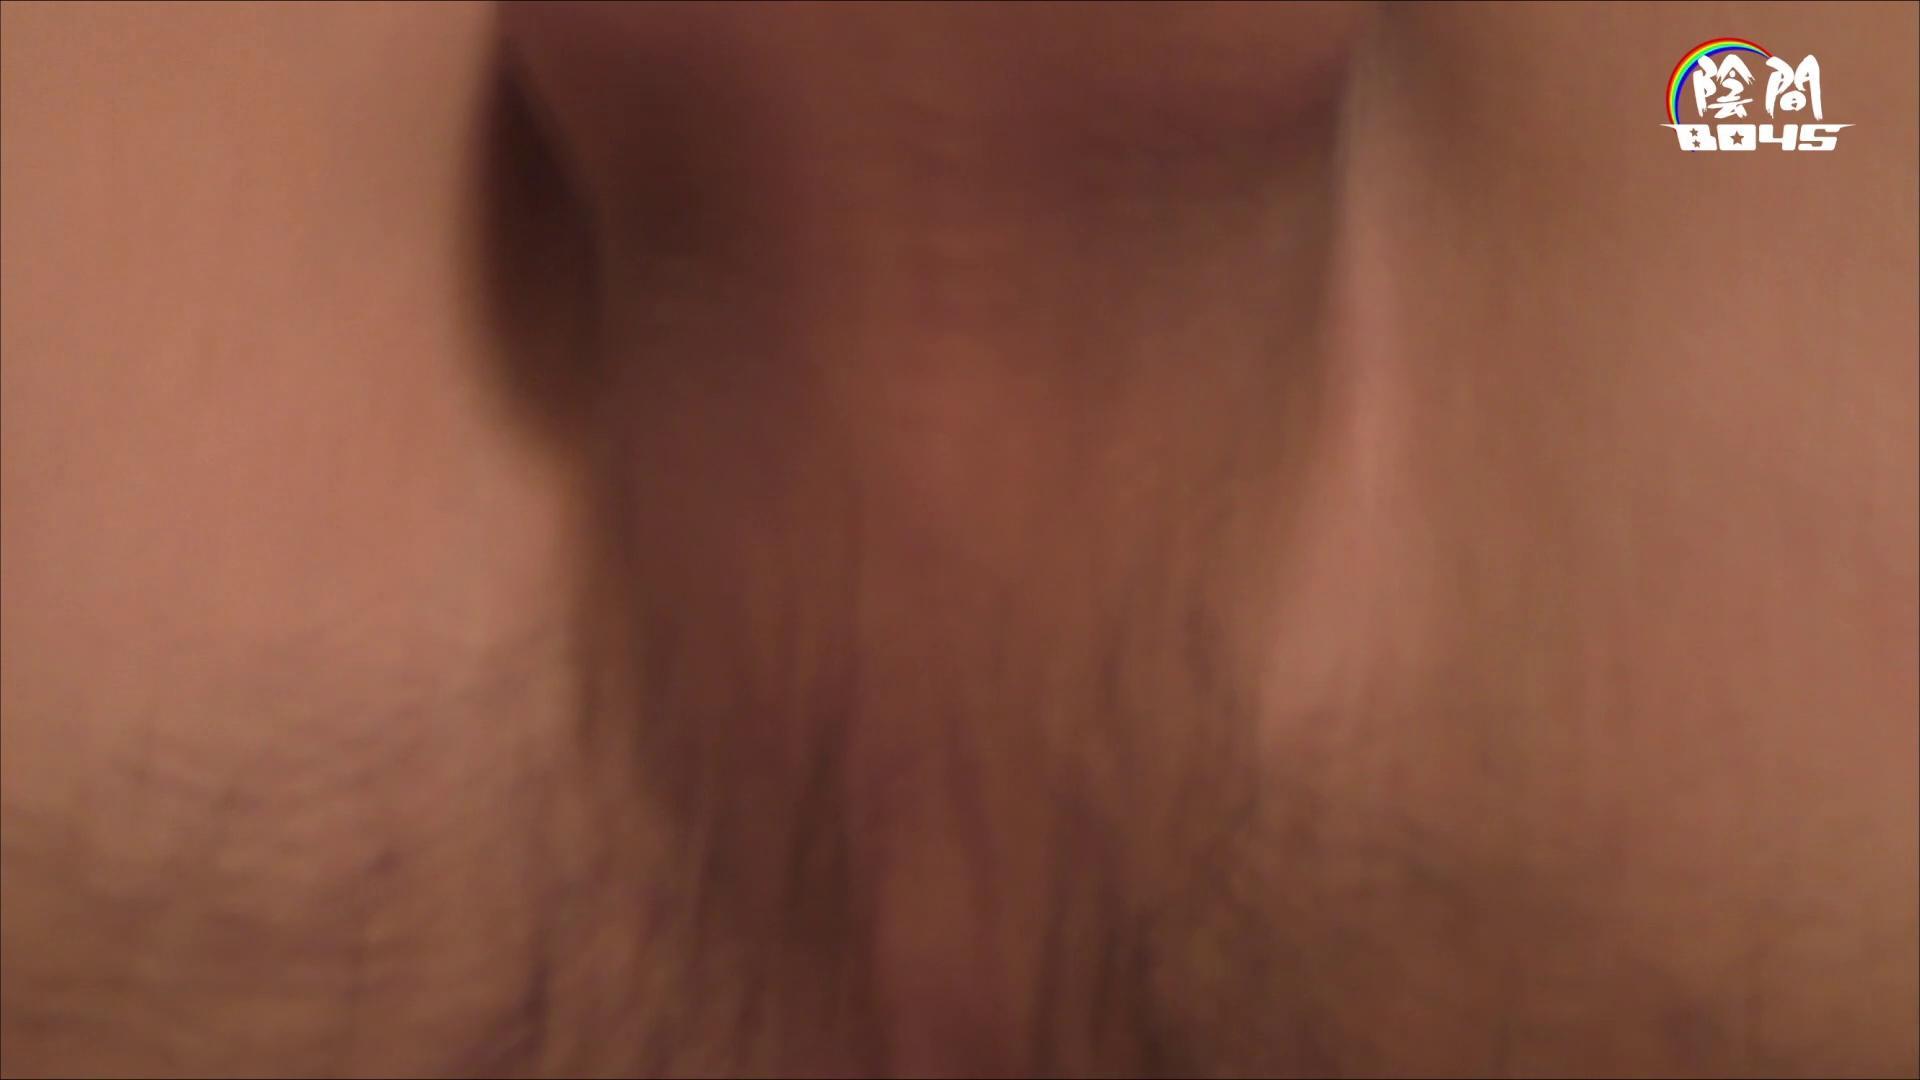 「君のアナルは」part2 ~ノンケの素顔~ Vol.06 ノンケ ゲイアダルト画像 92枚 19